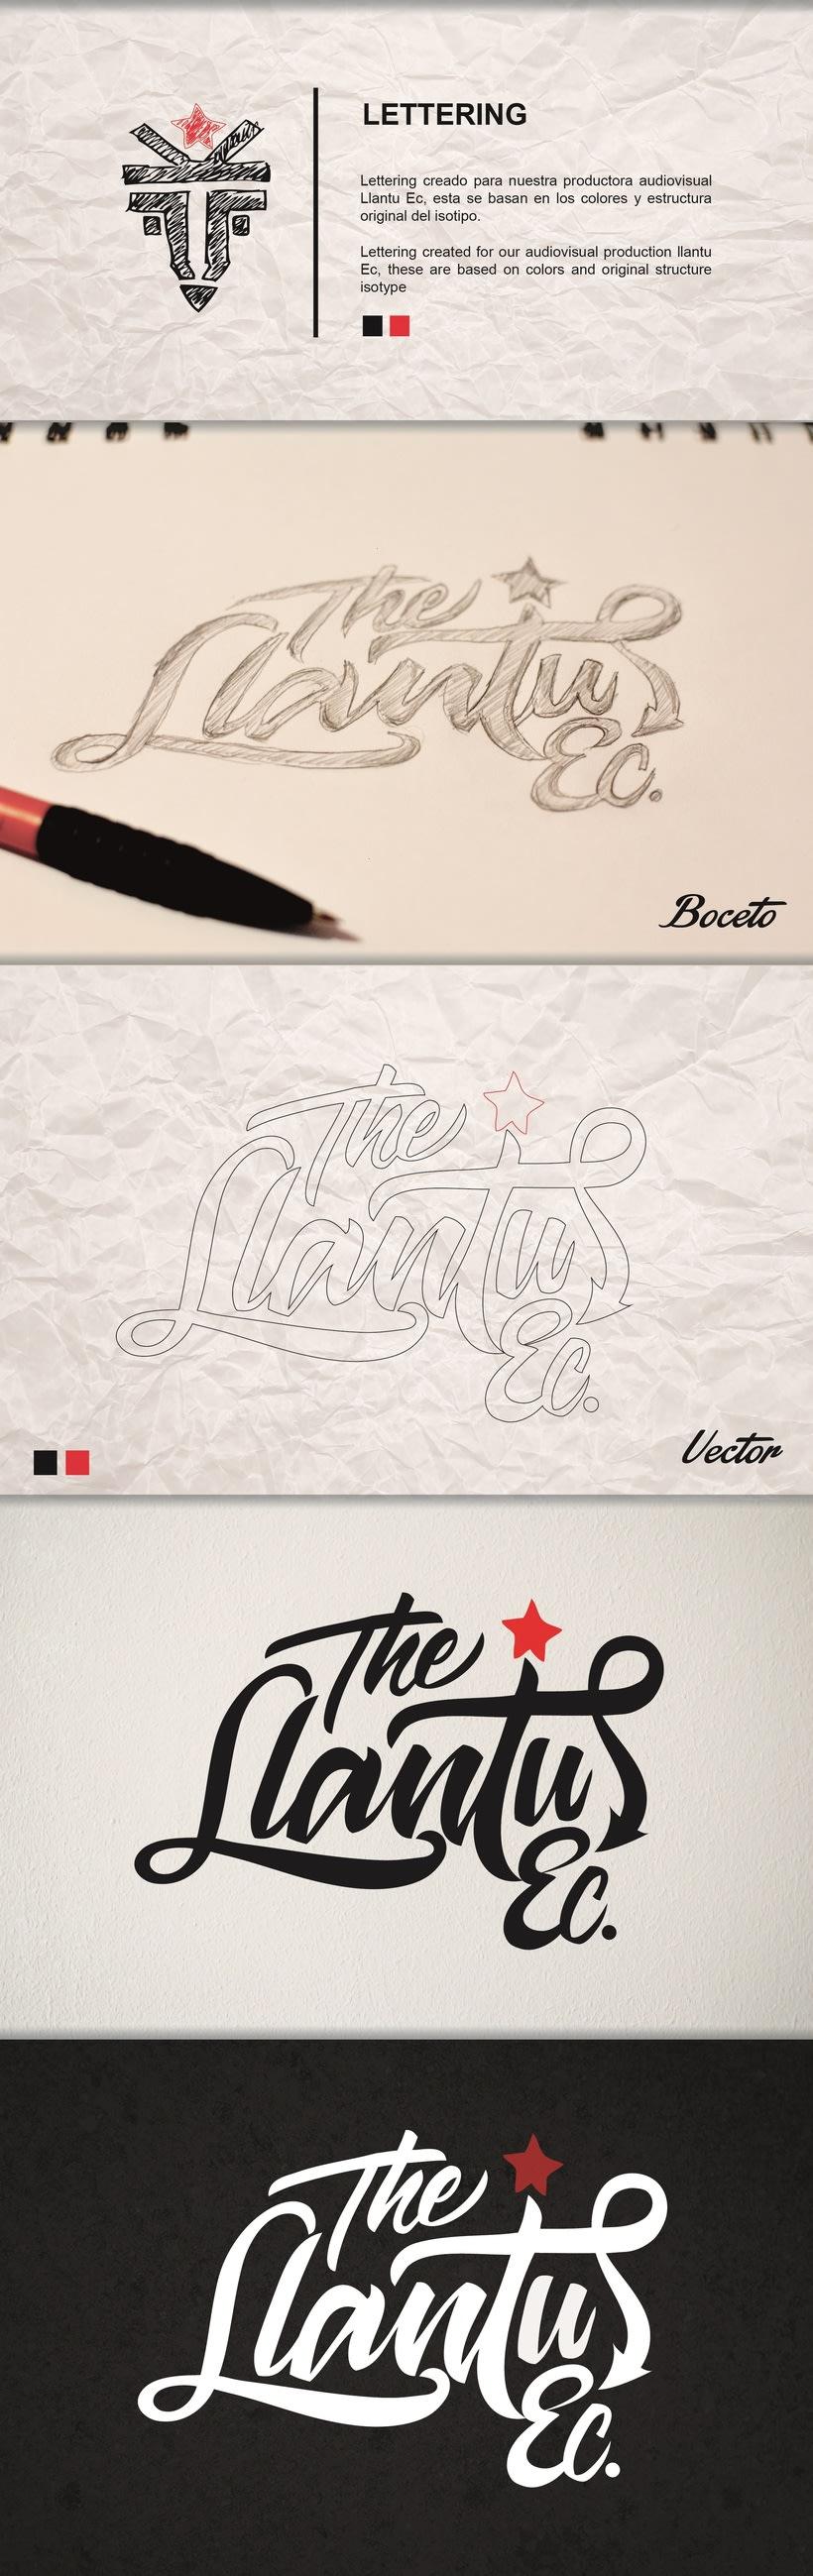 Lettering / Letras - Logotipo Llantu Ecuador 0